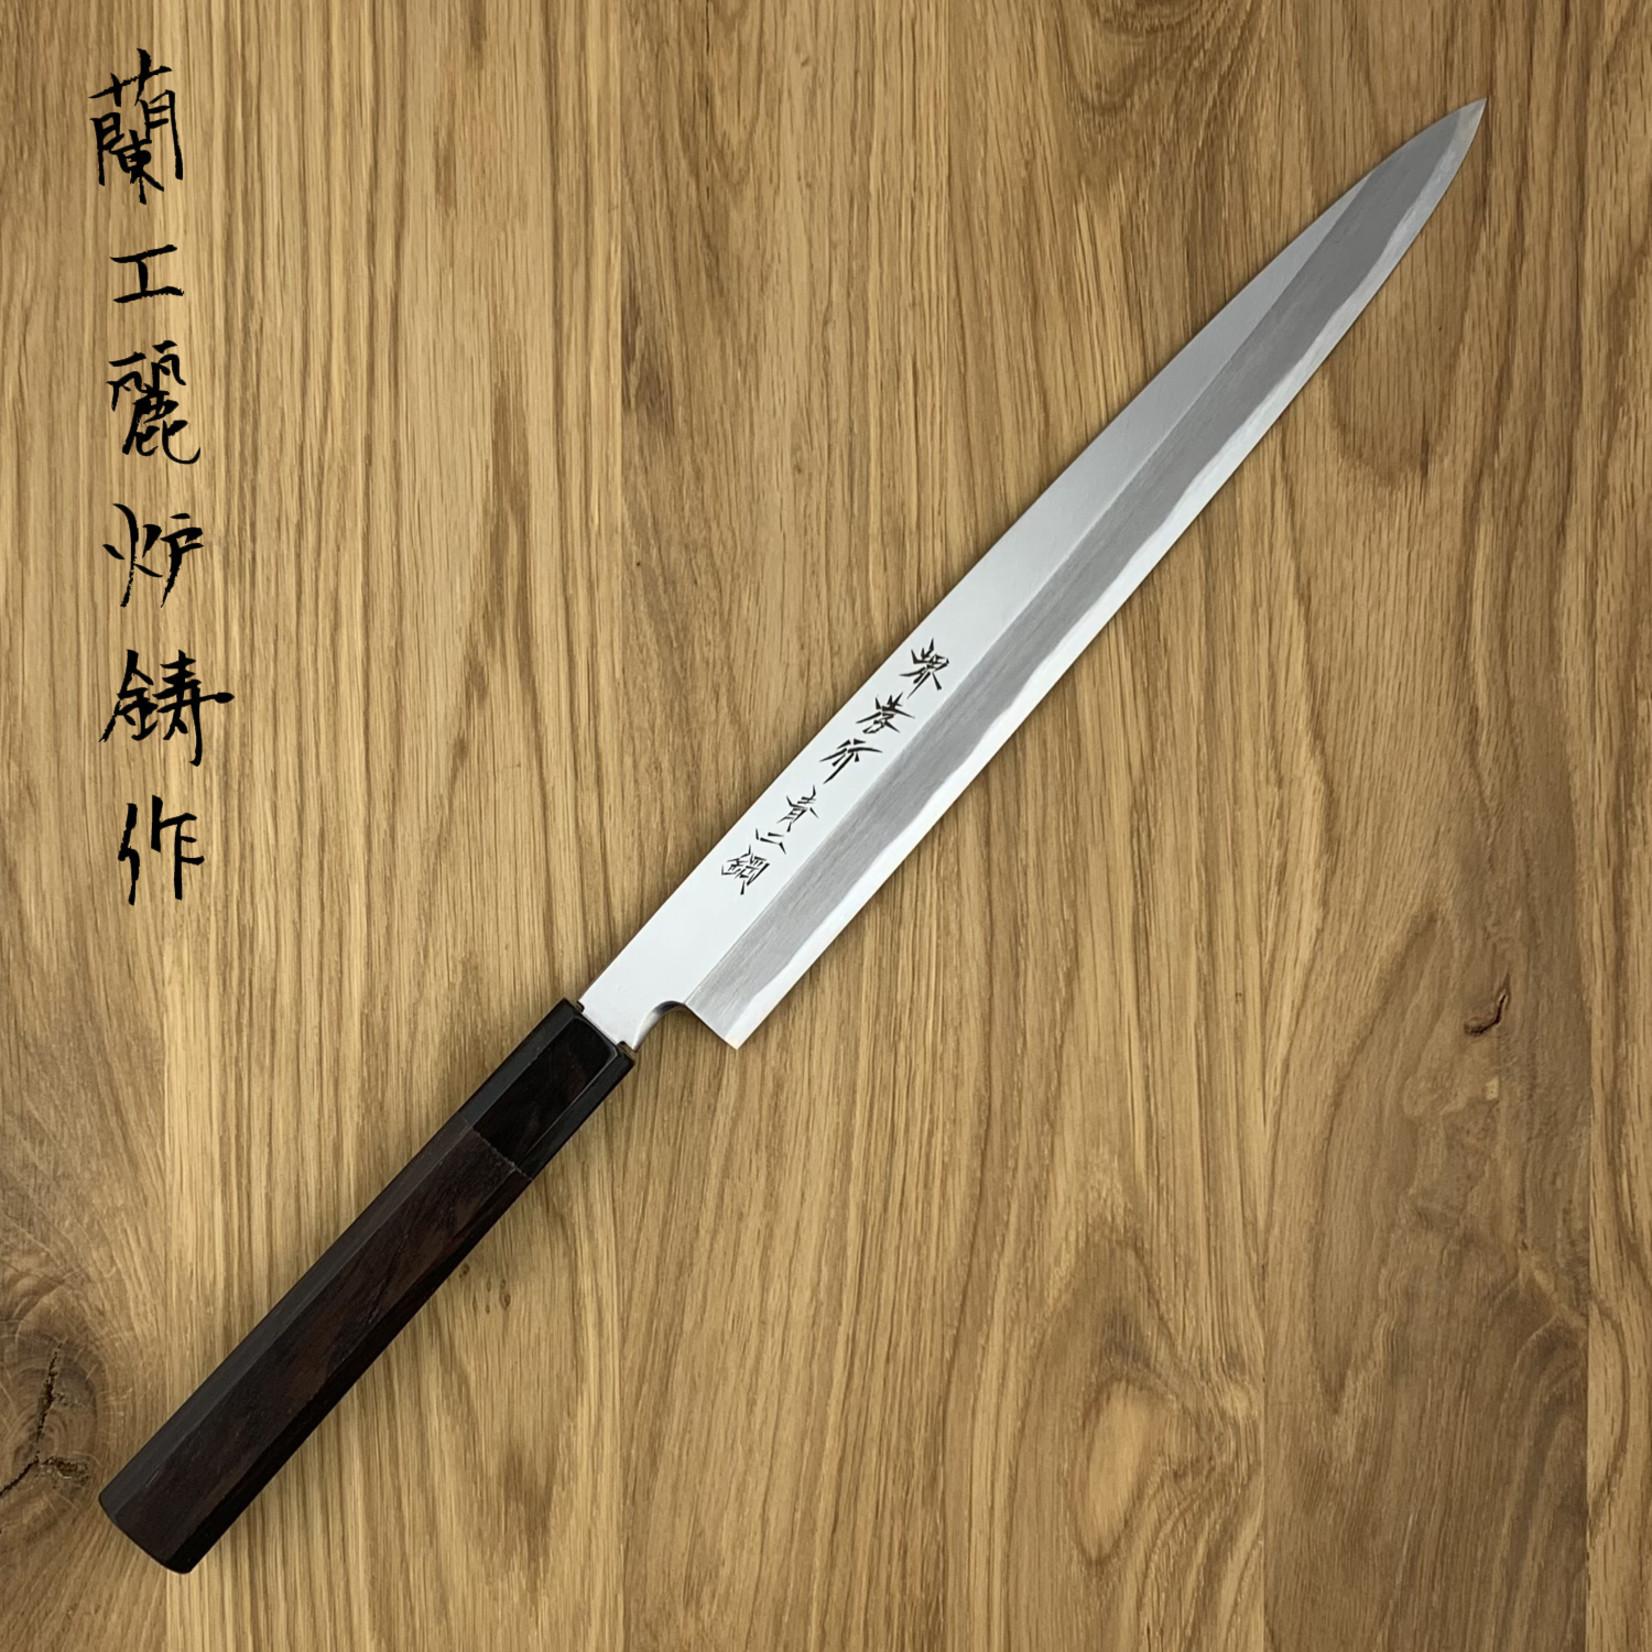 SAKAI TAKAYUKI Yanagiba 270 mm Blue #2 ebony 01204